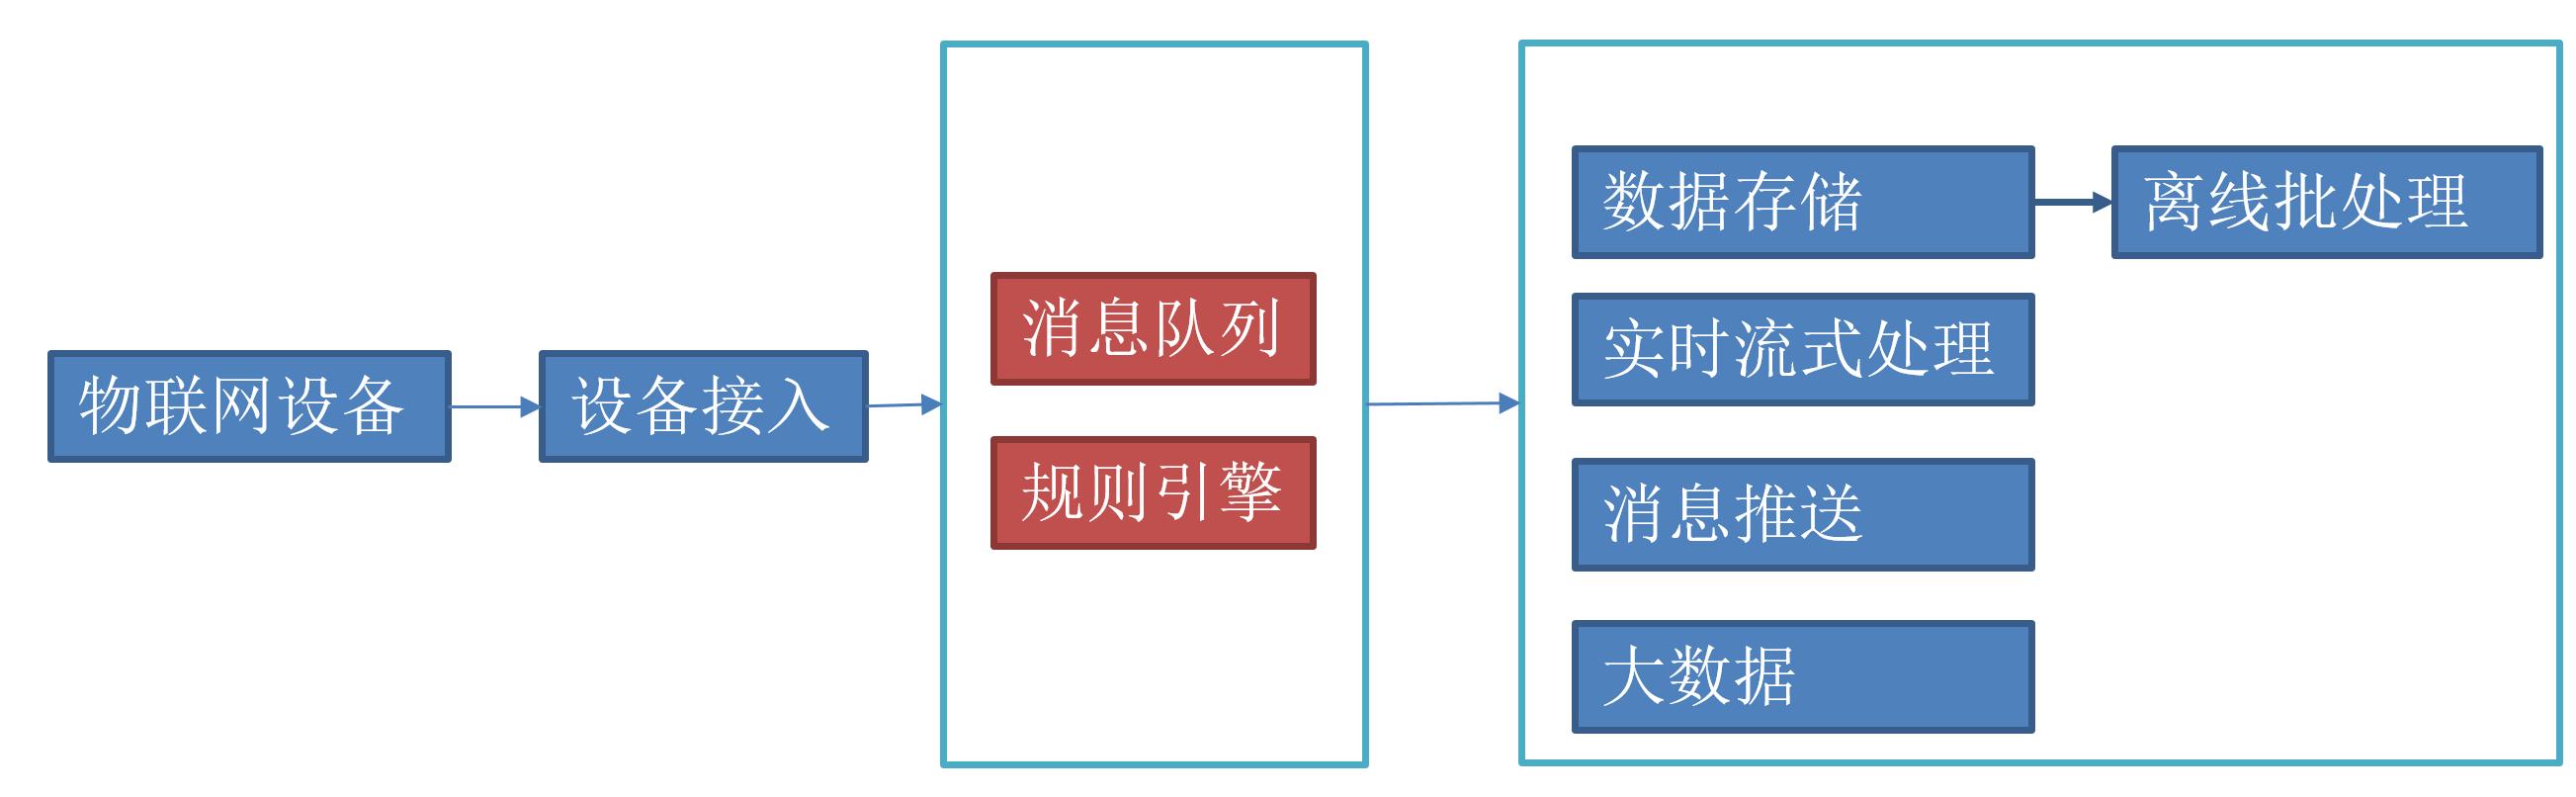 物联网关键技术:规则引擎